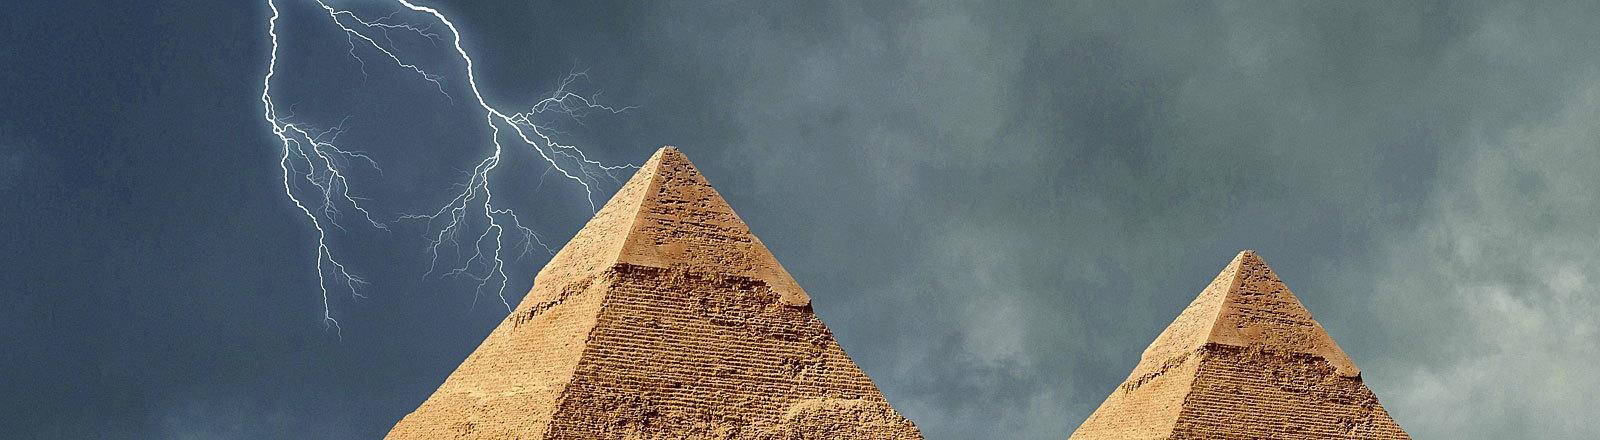 Blitz über den Pyramiden von Gizeh